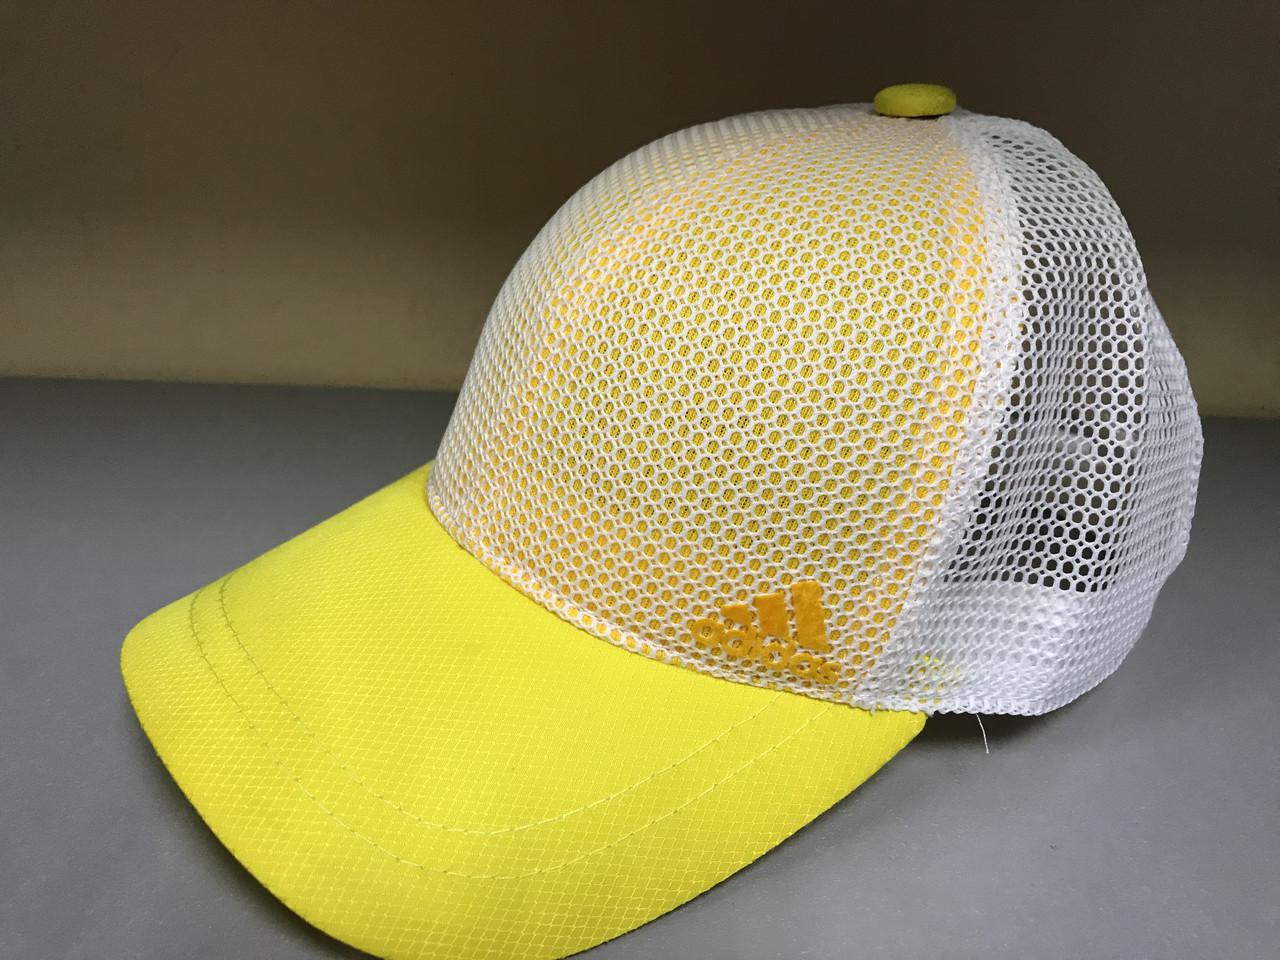 Детская бейсболка с сеткой с регулятором размера козырек желтый